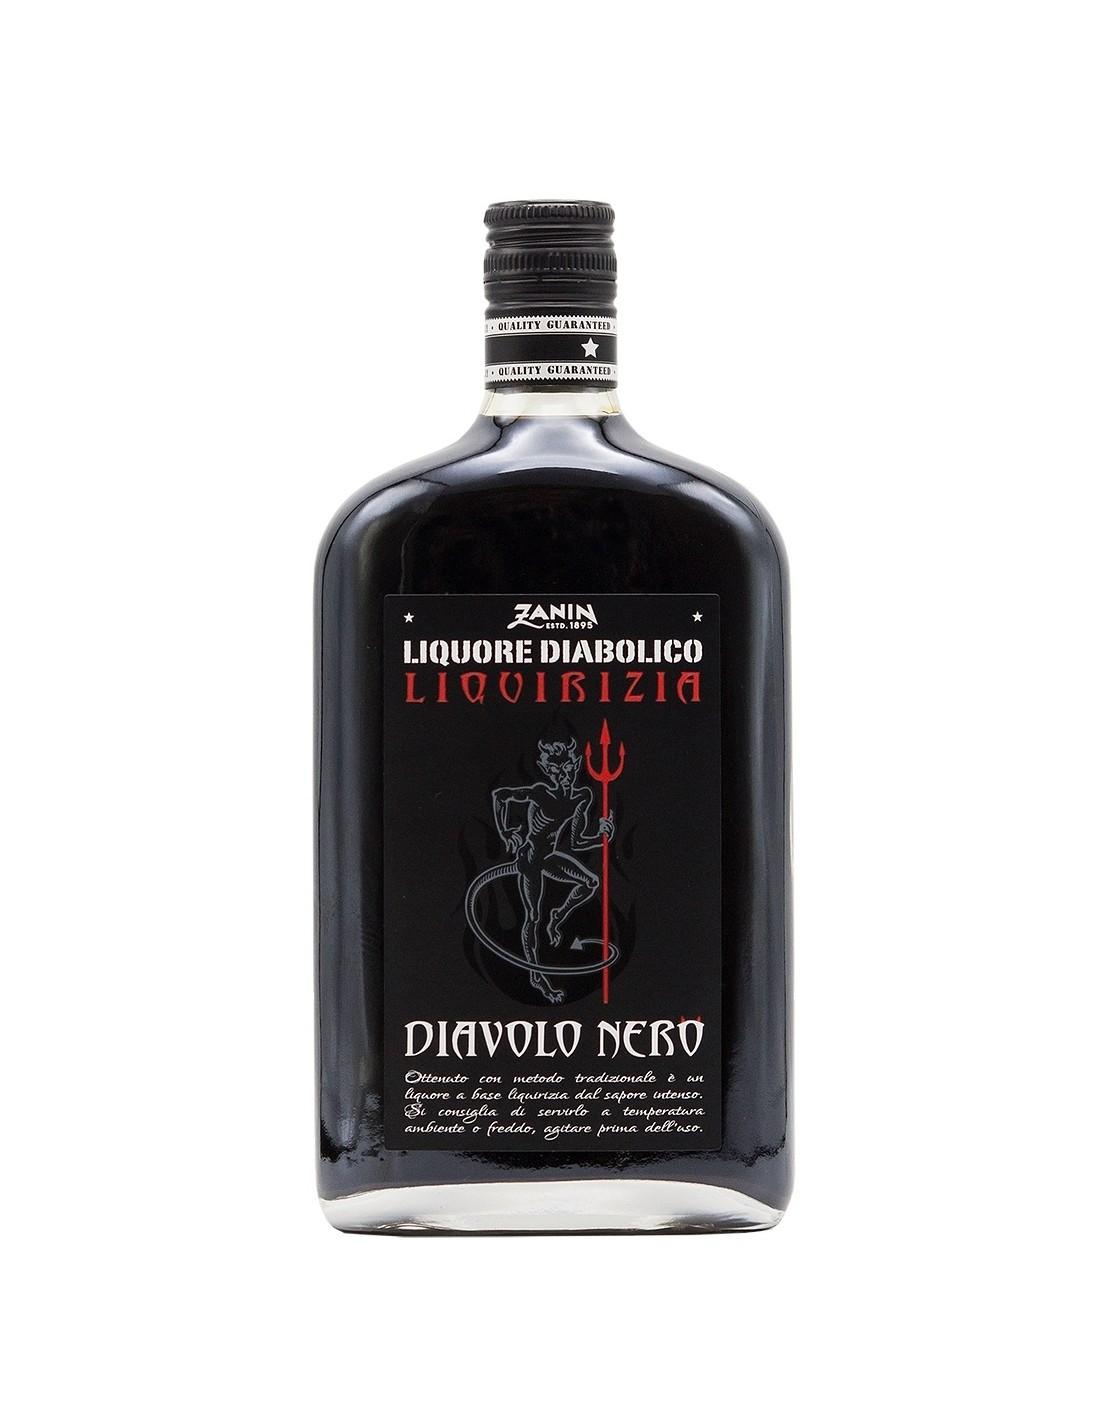 Lichior Diavolo Nero Liquirizia, 25% alc., 0.7L, Italia